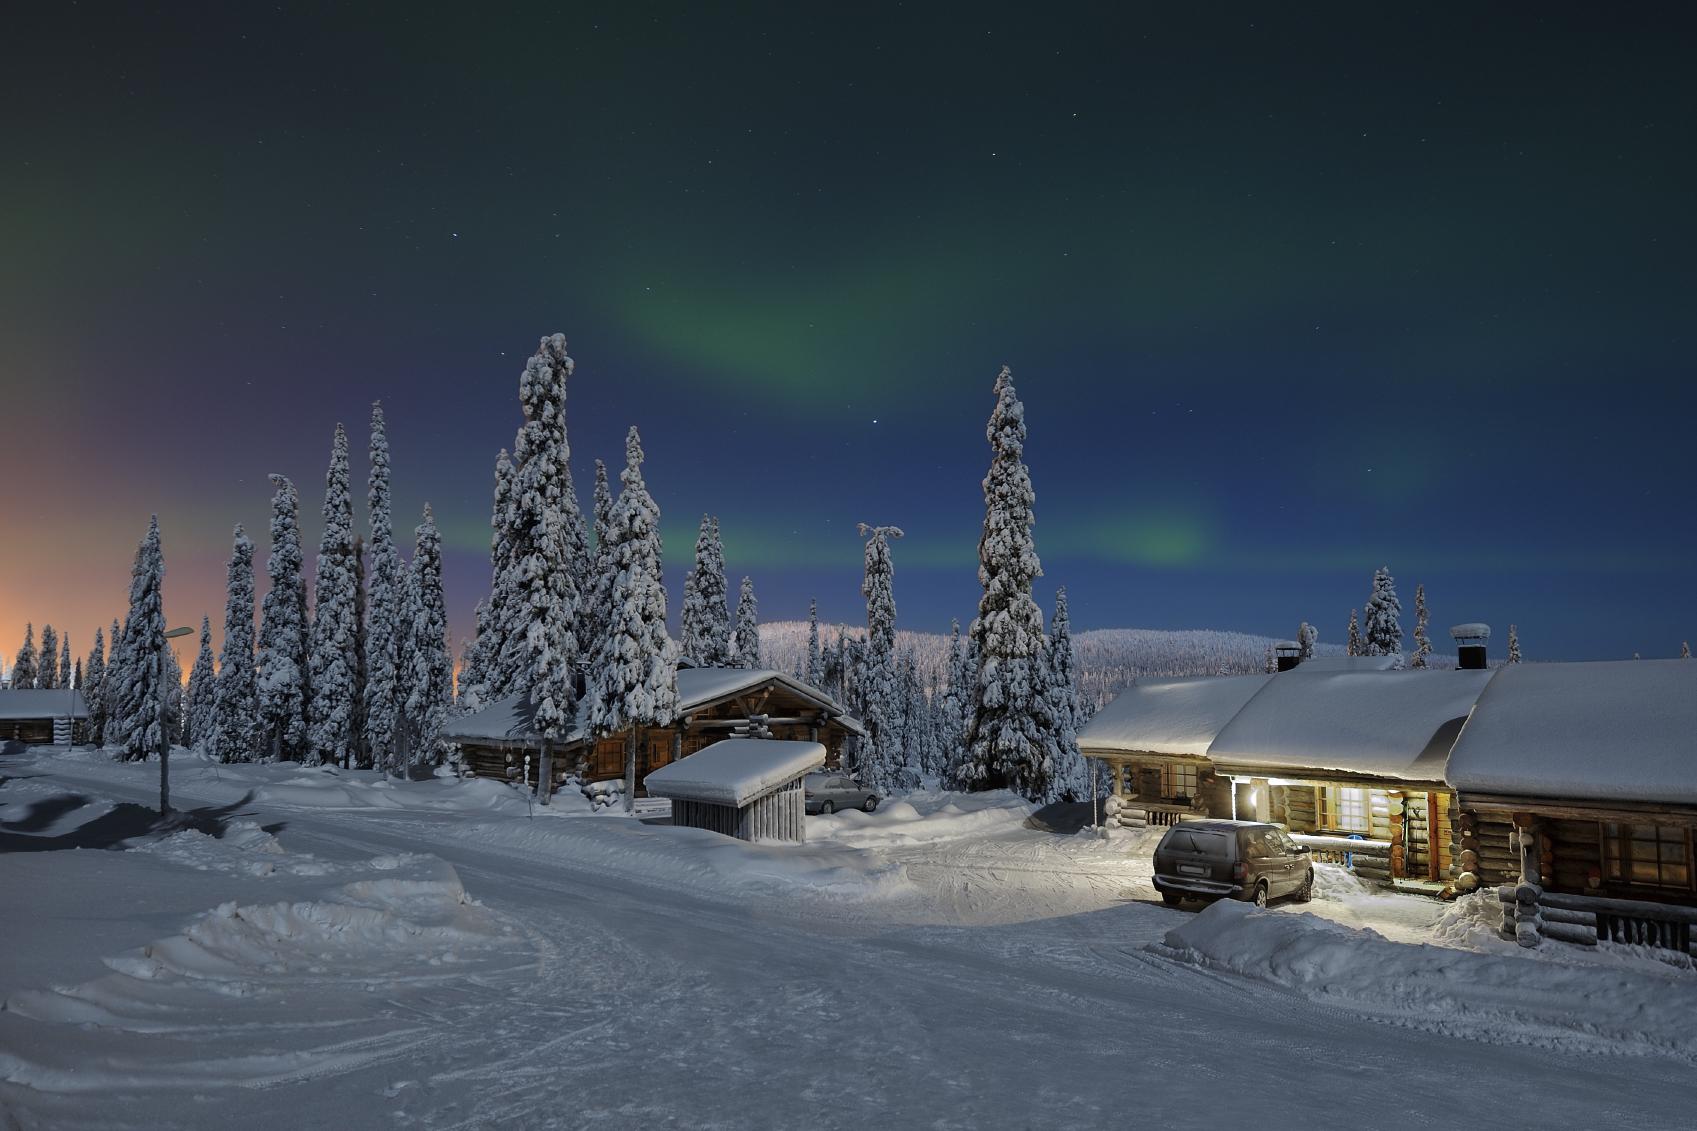 Finland - a magical winter wonderland